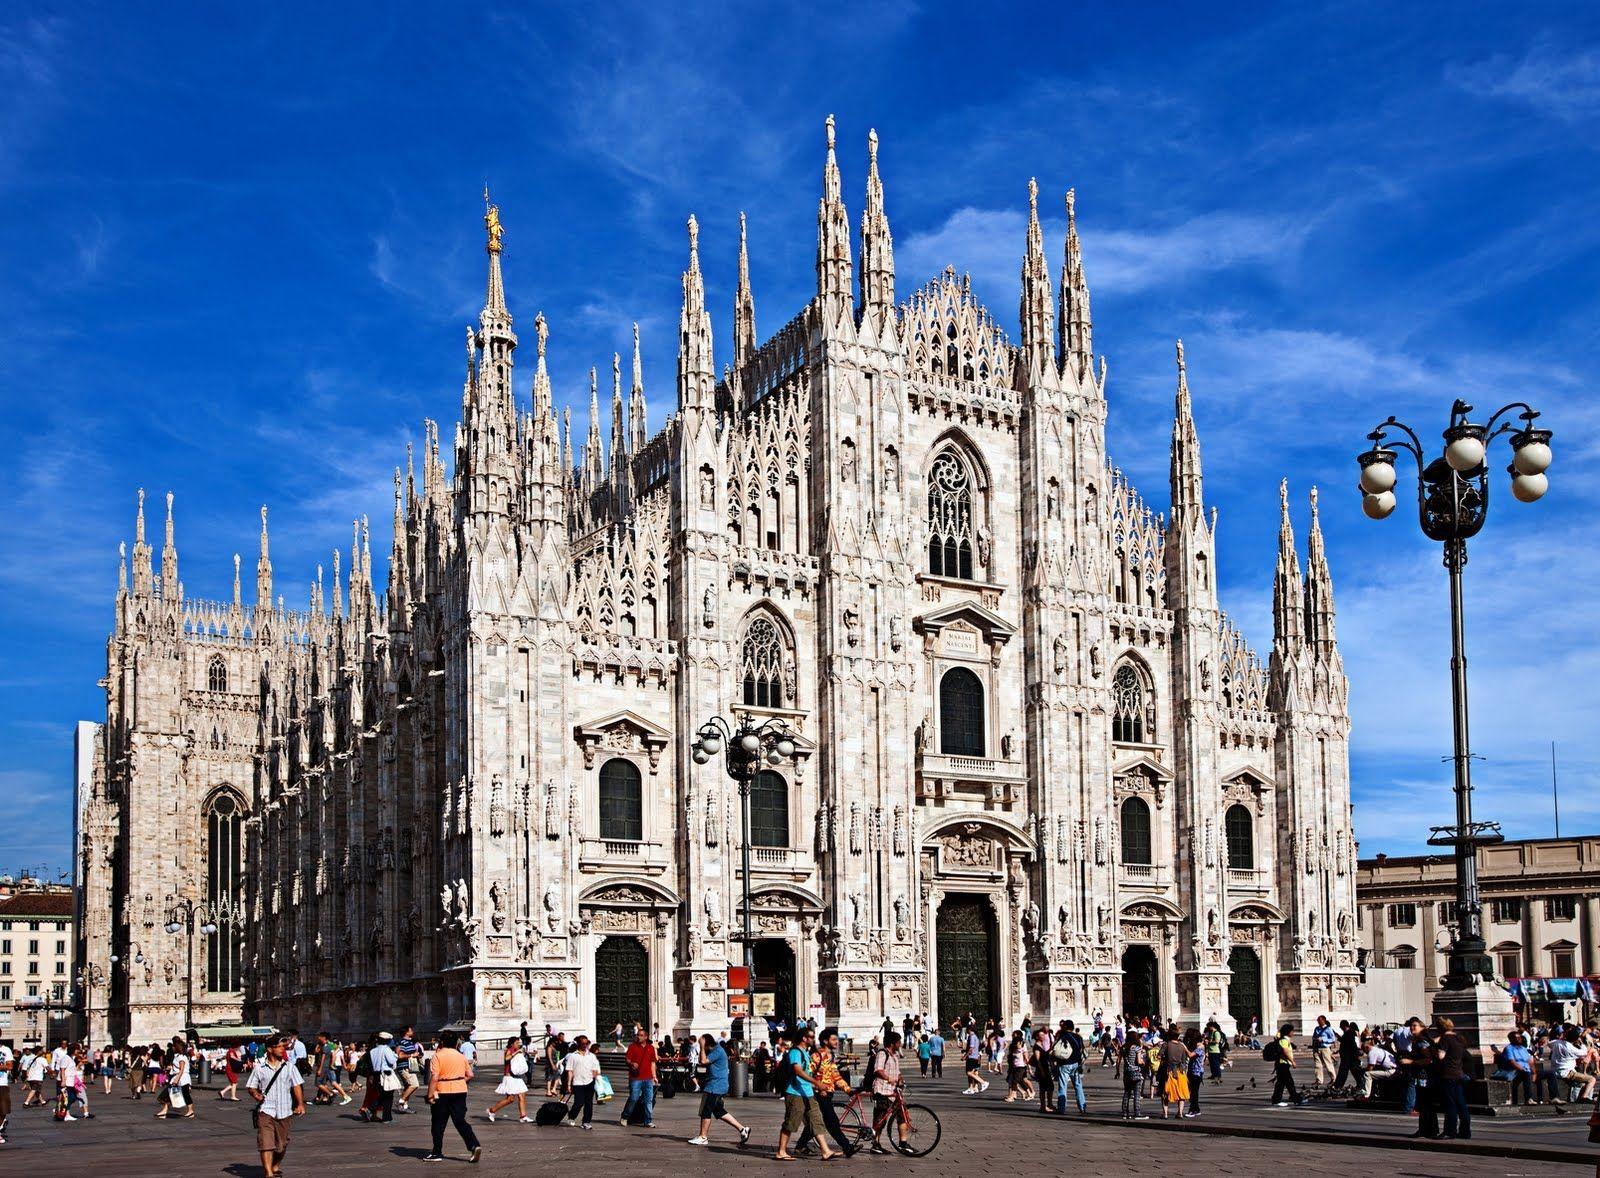 Scavi archeologici: sotto il Duomo di Milano c'è una città nascosta?